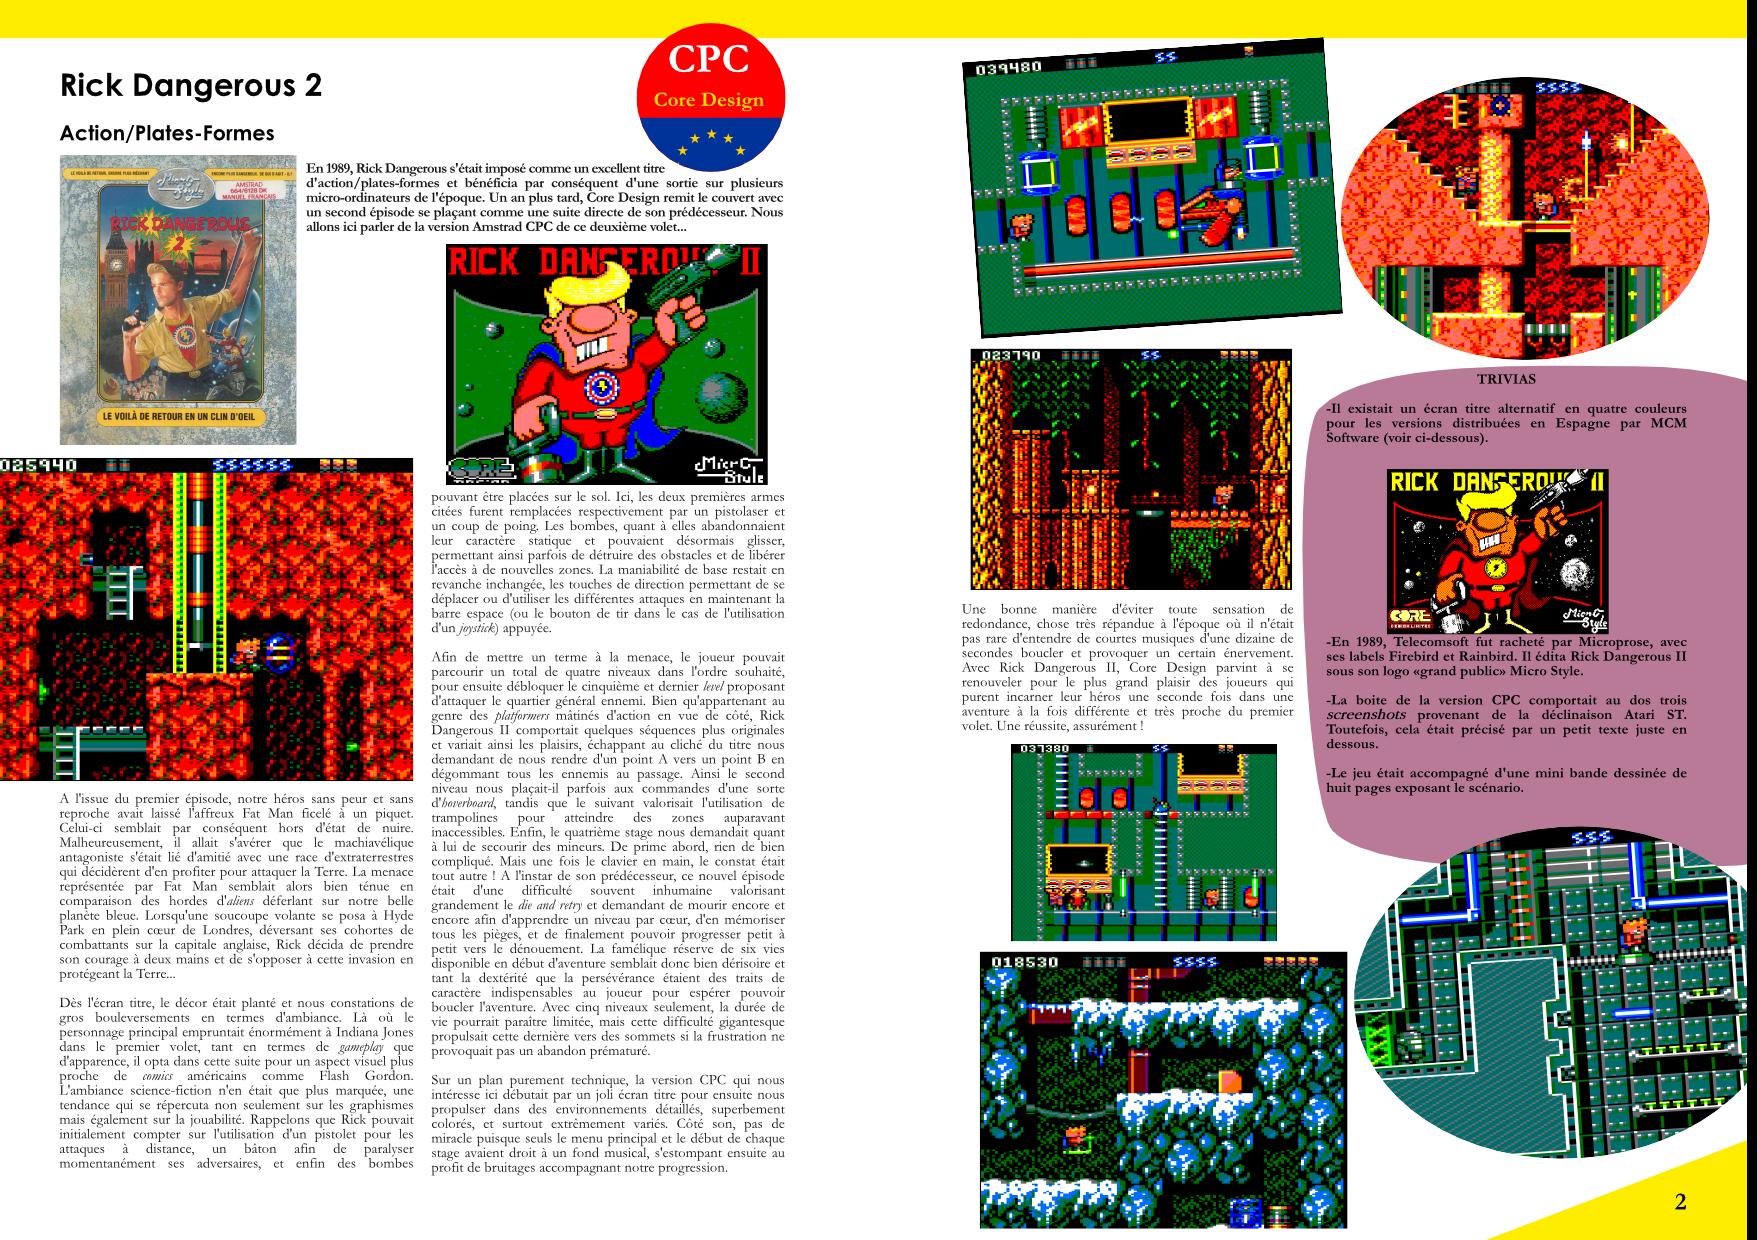 Flashback'90 extrait jeux micro - Rick Dangerous 2 CPC